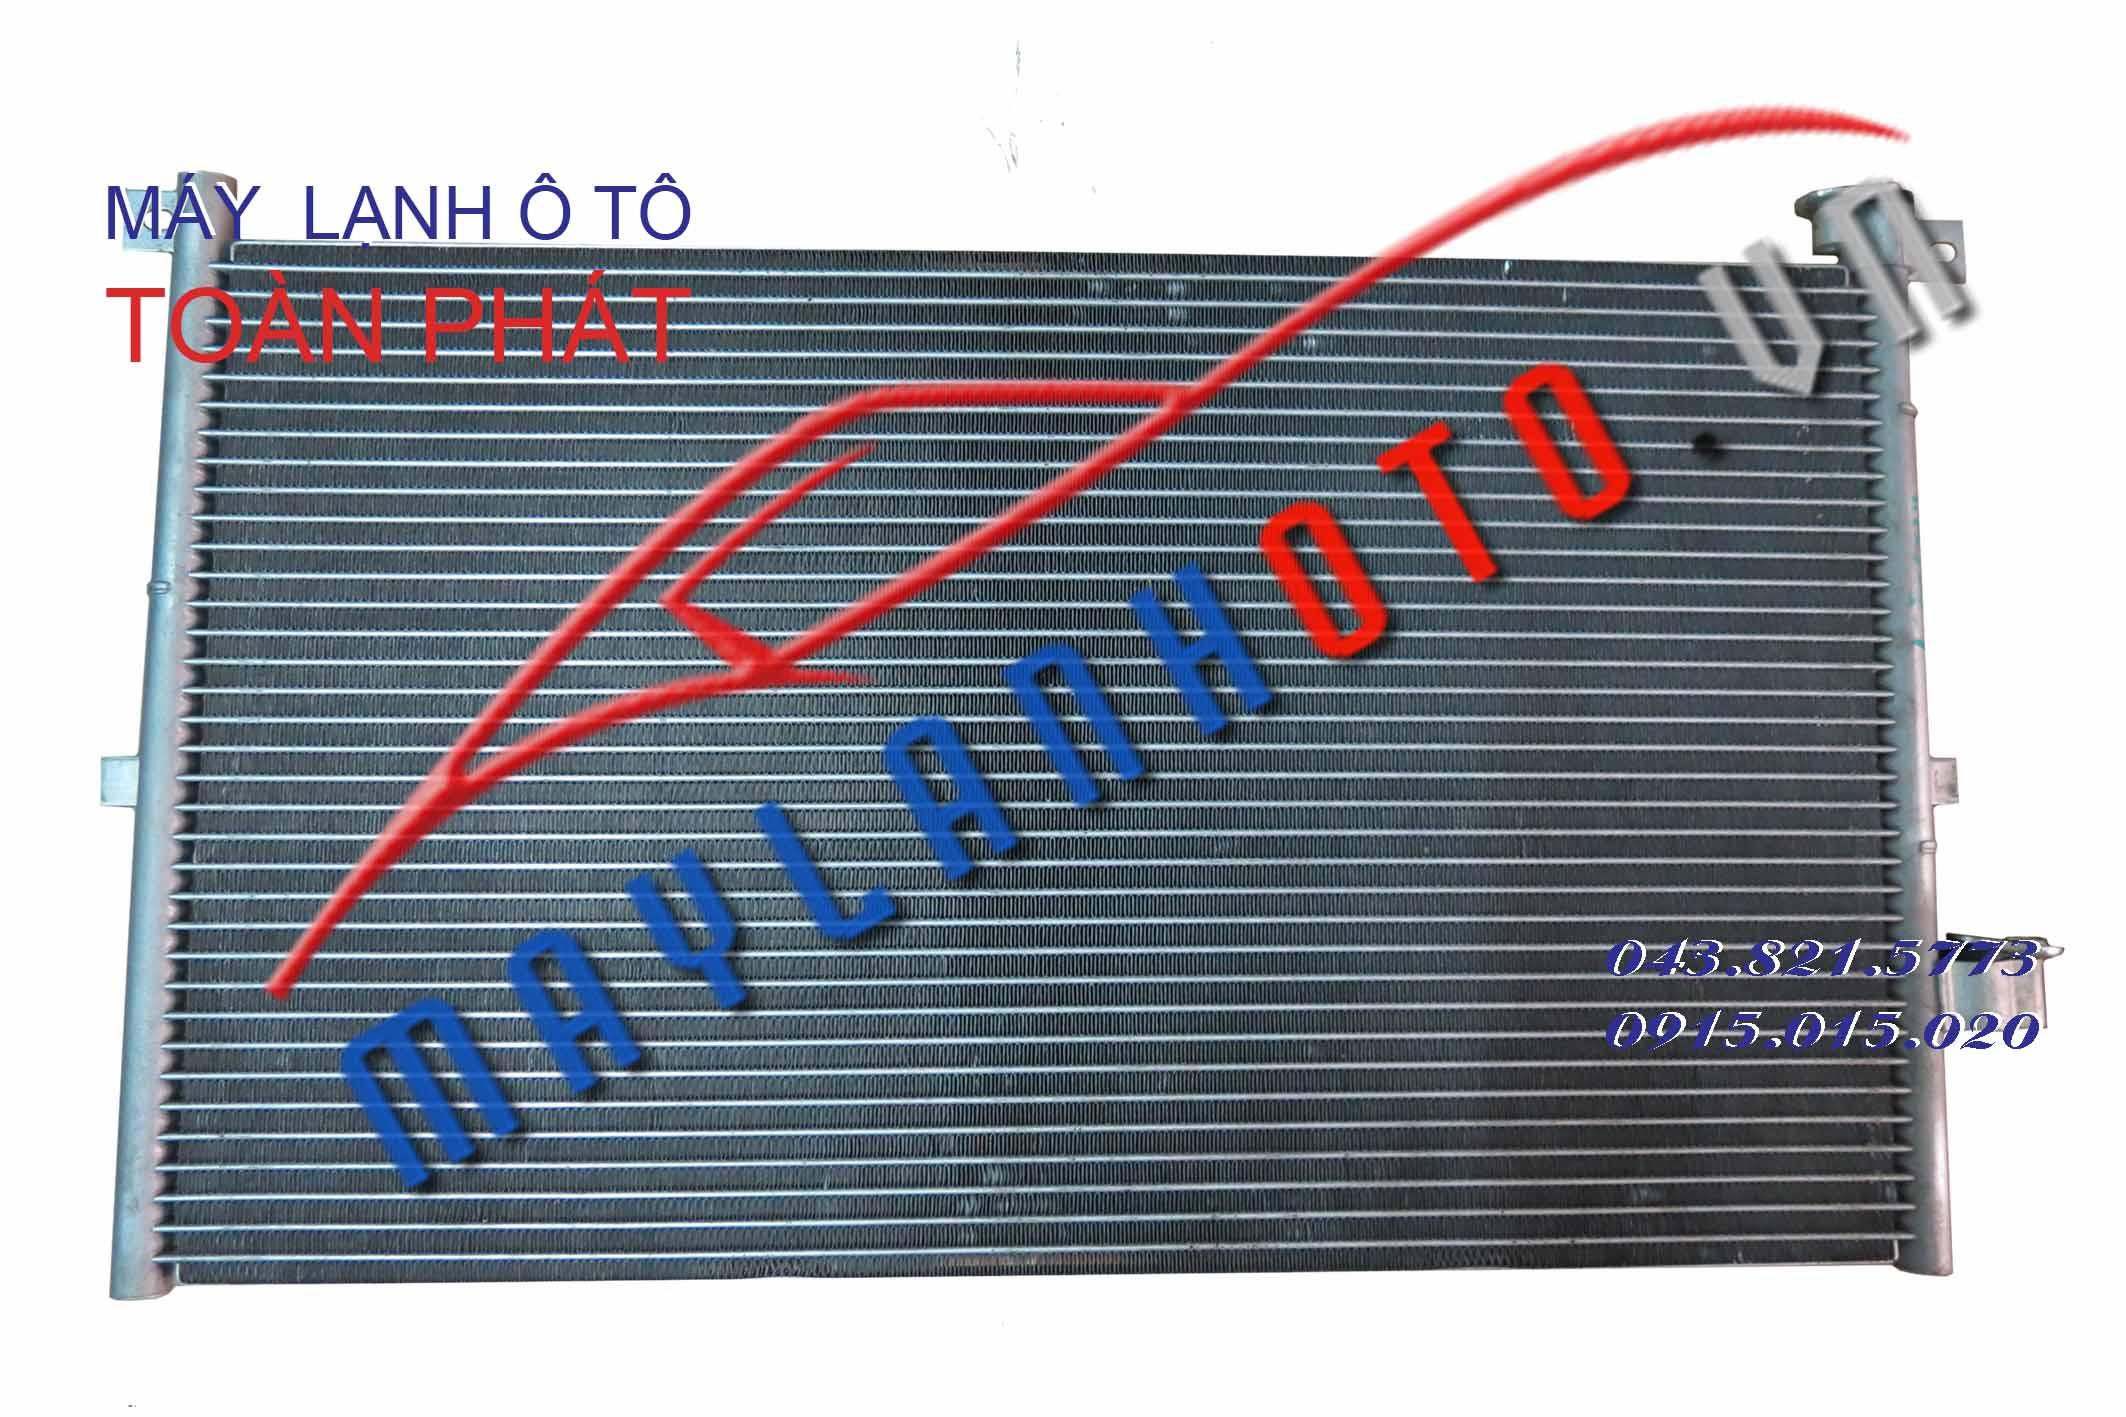 Mondeo 2.0 / Giàn nóng điều hòa Ford Mondeo 2.0 / Dàn nóng điều hòa Ford Mondeo 2.0